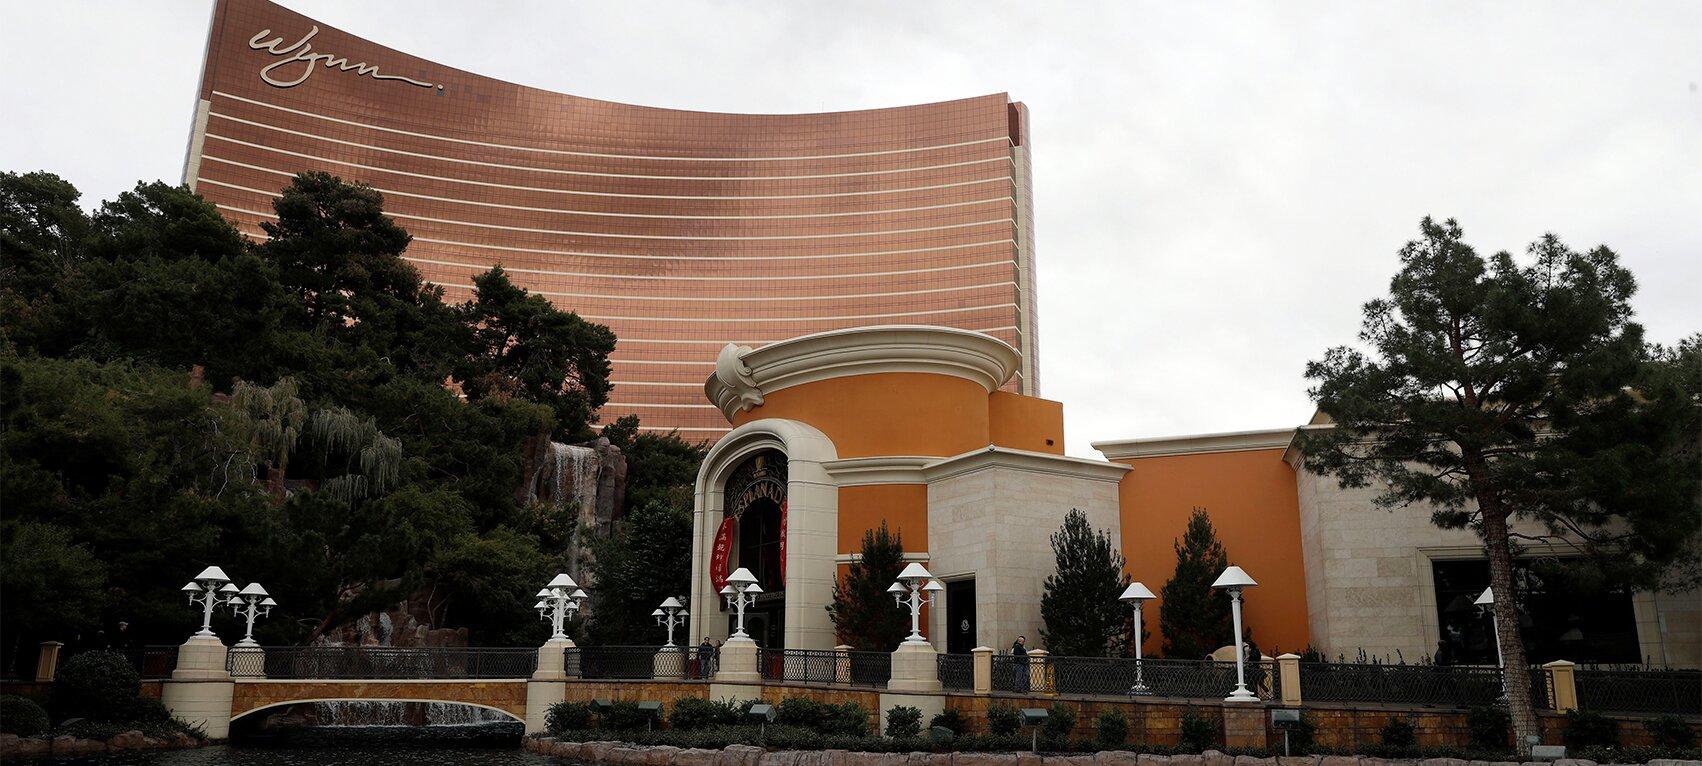 https://www.gambleonline.co/app/uploads/2021/04/wynn-resorts-casino-1.jpg